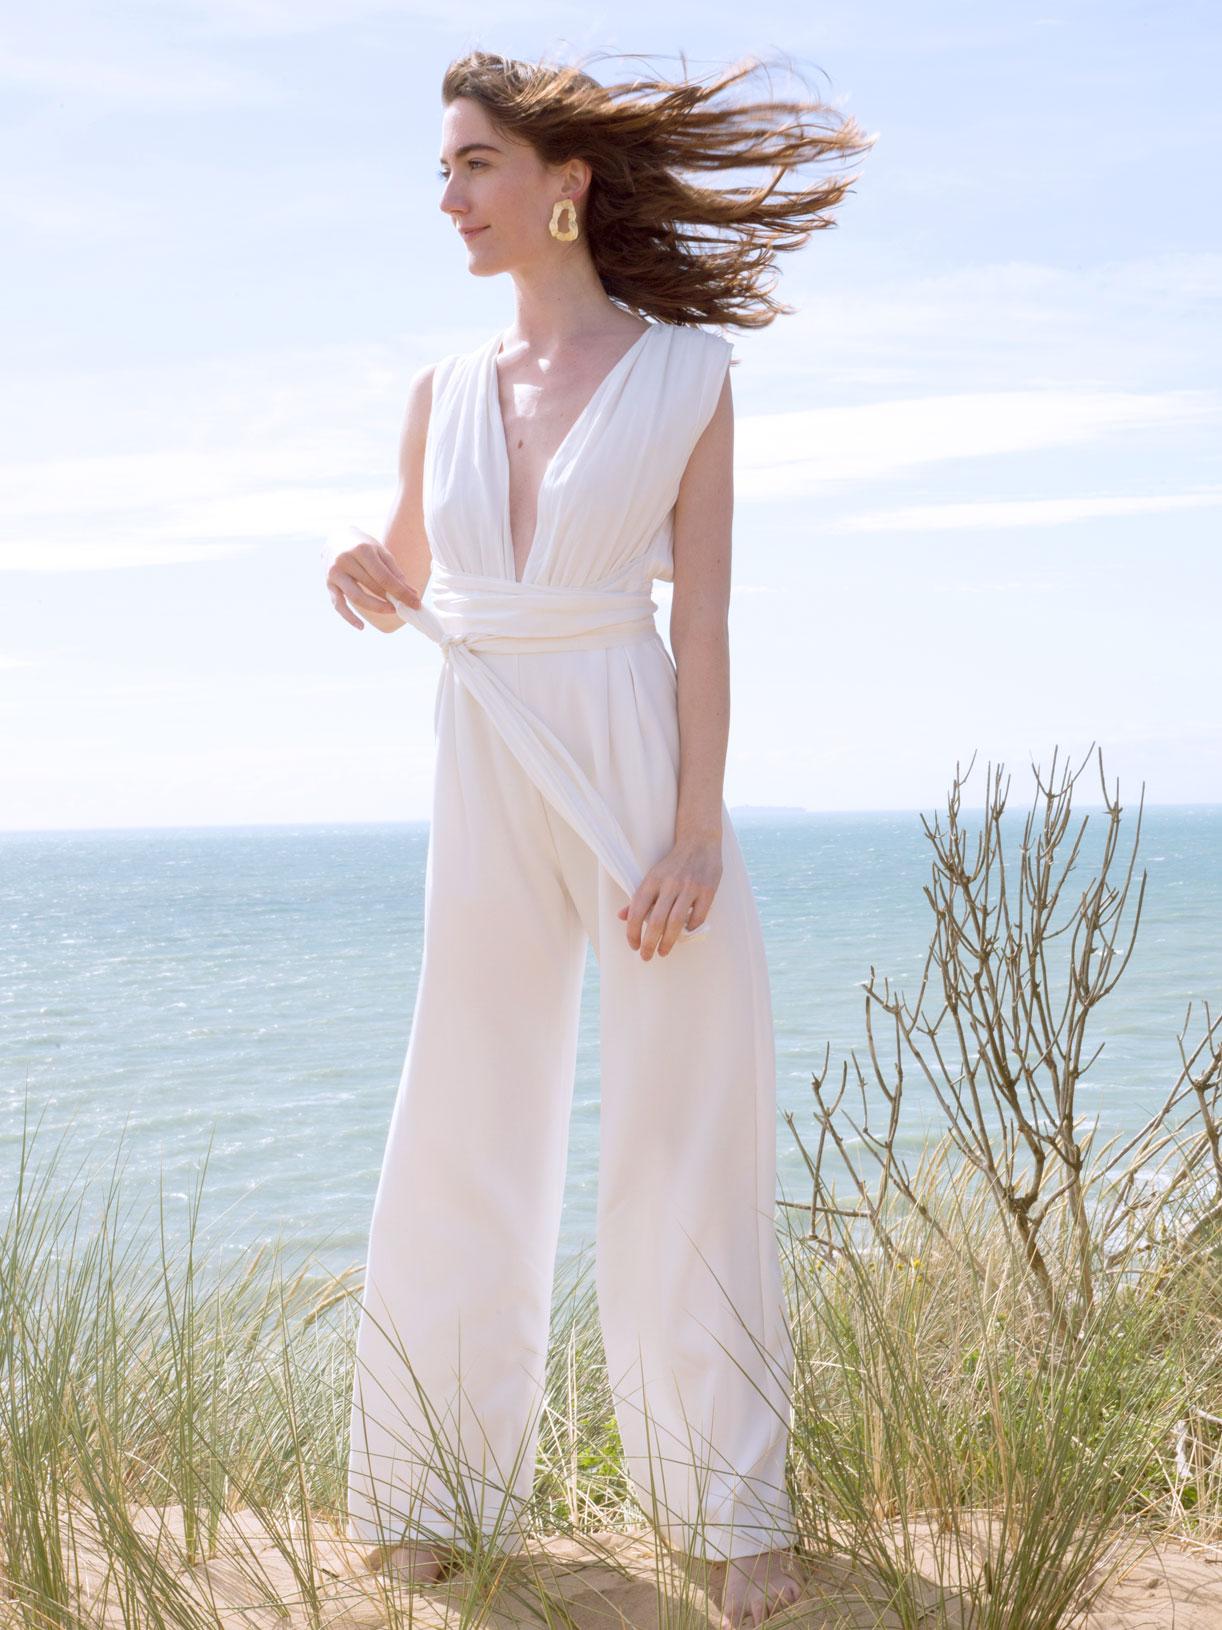 Combinaison pantalon de mariée civile - Créatrice de robes de mariée à Paris - Myphilosophy